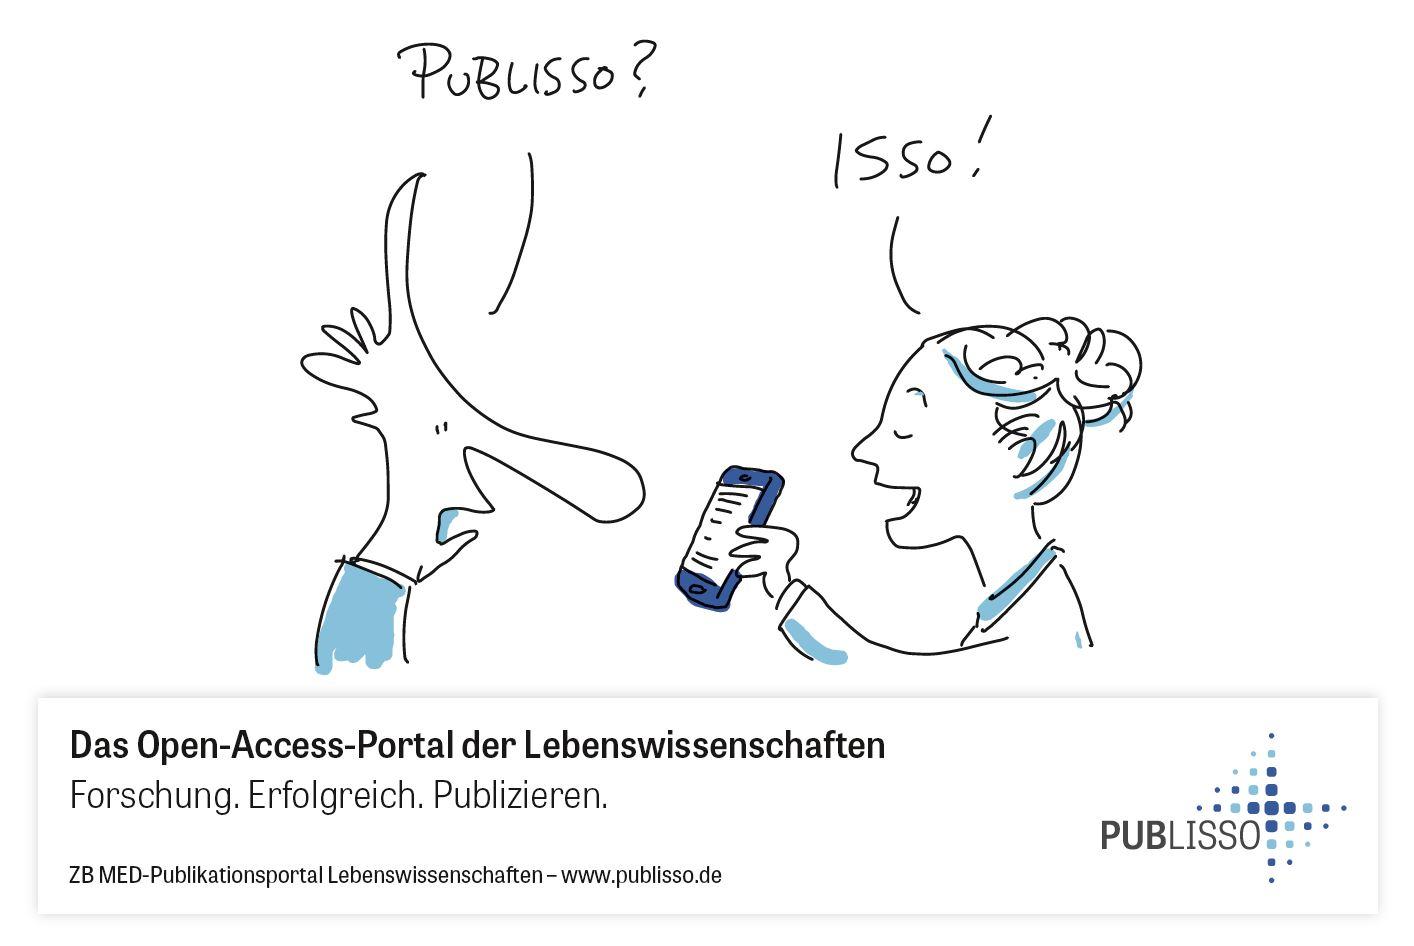 """Eine Frau zeigt einem Mann ihr Smartphone. Er fragt: """"Publisso?"""", sie antwortet ihm: """"Isso!""""."""